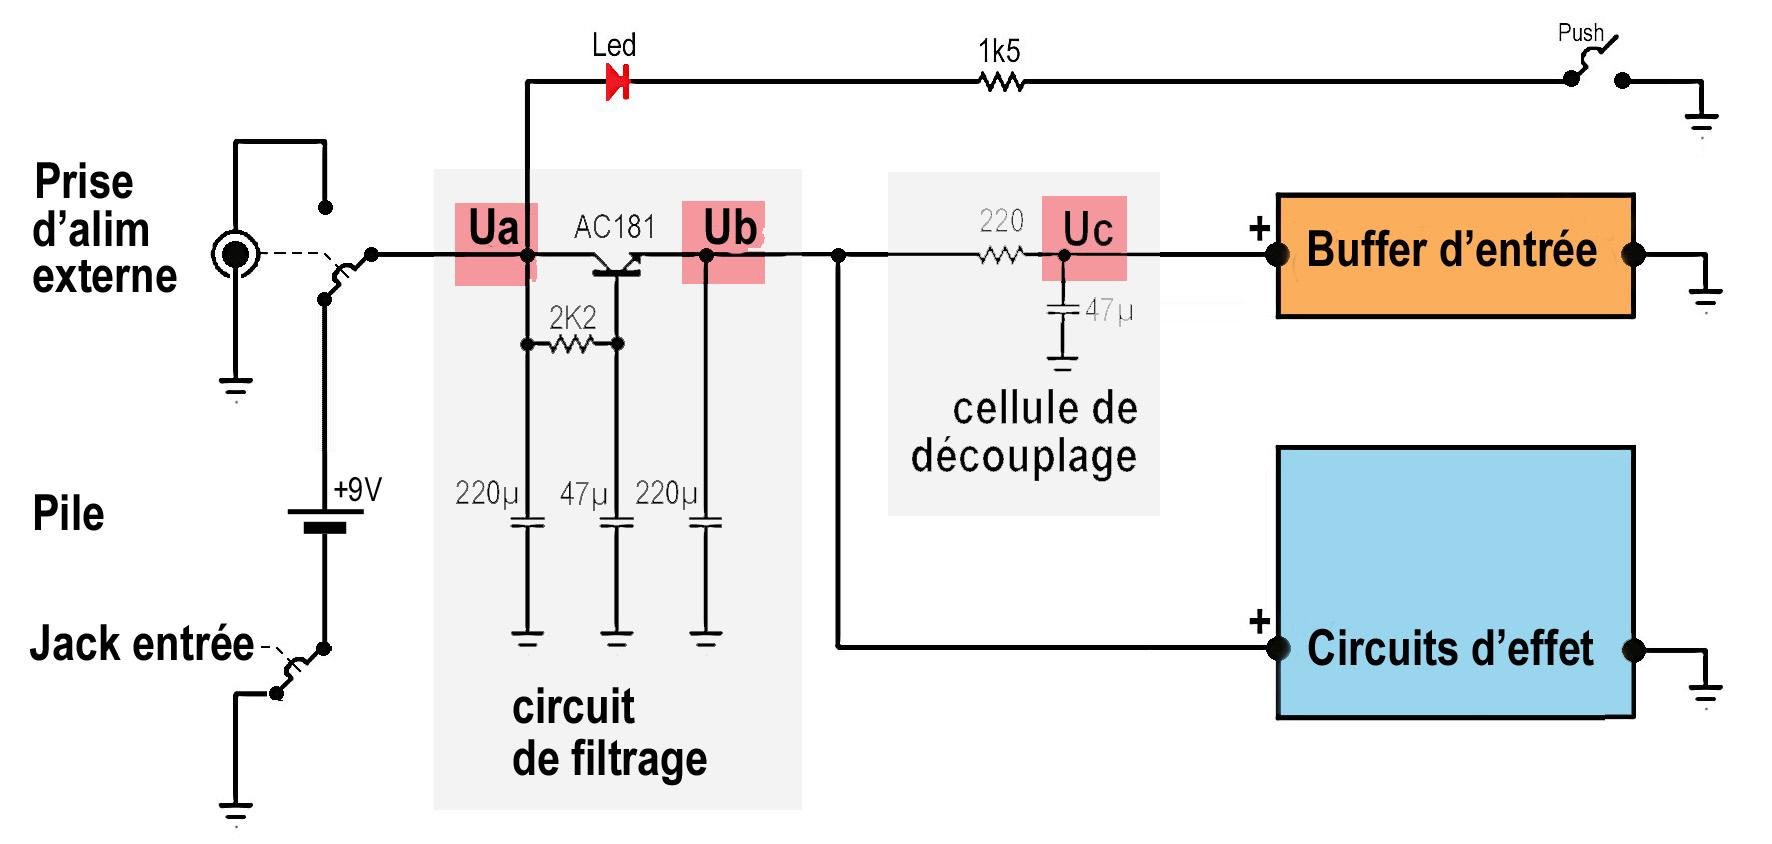 circuits-alimentation-des-pedales